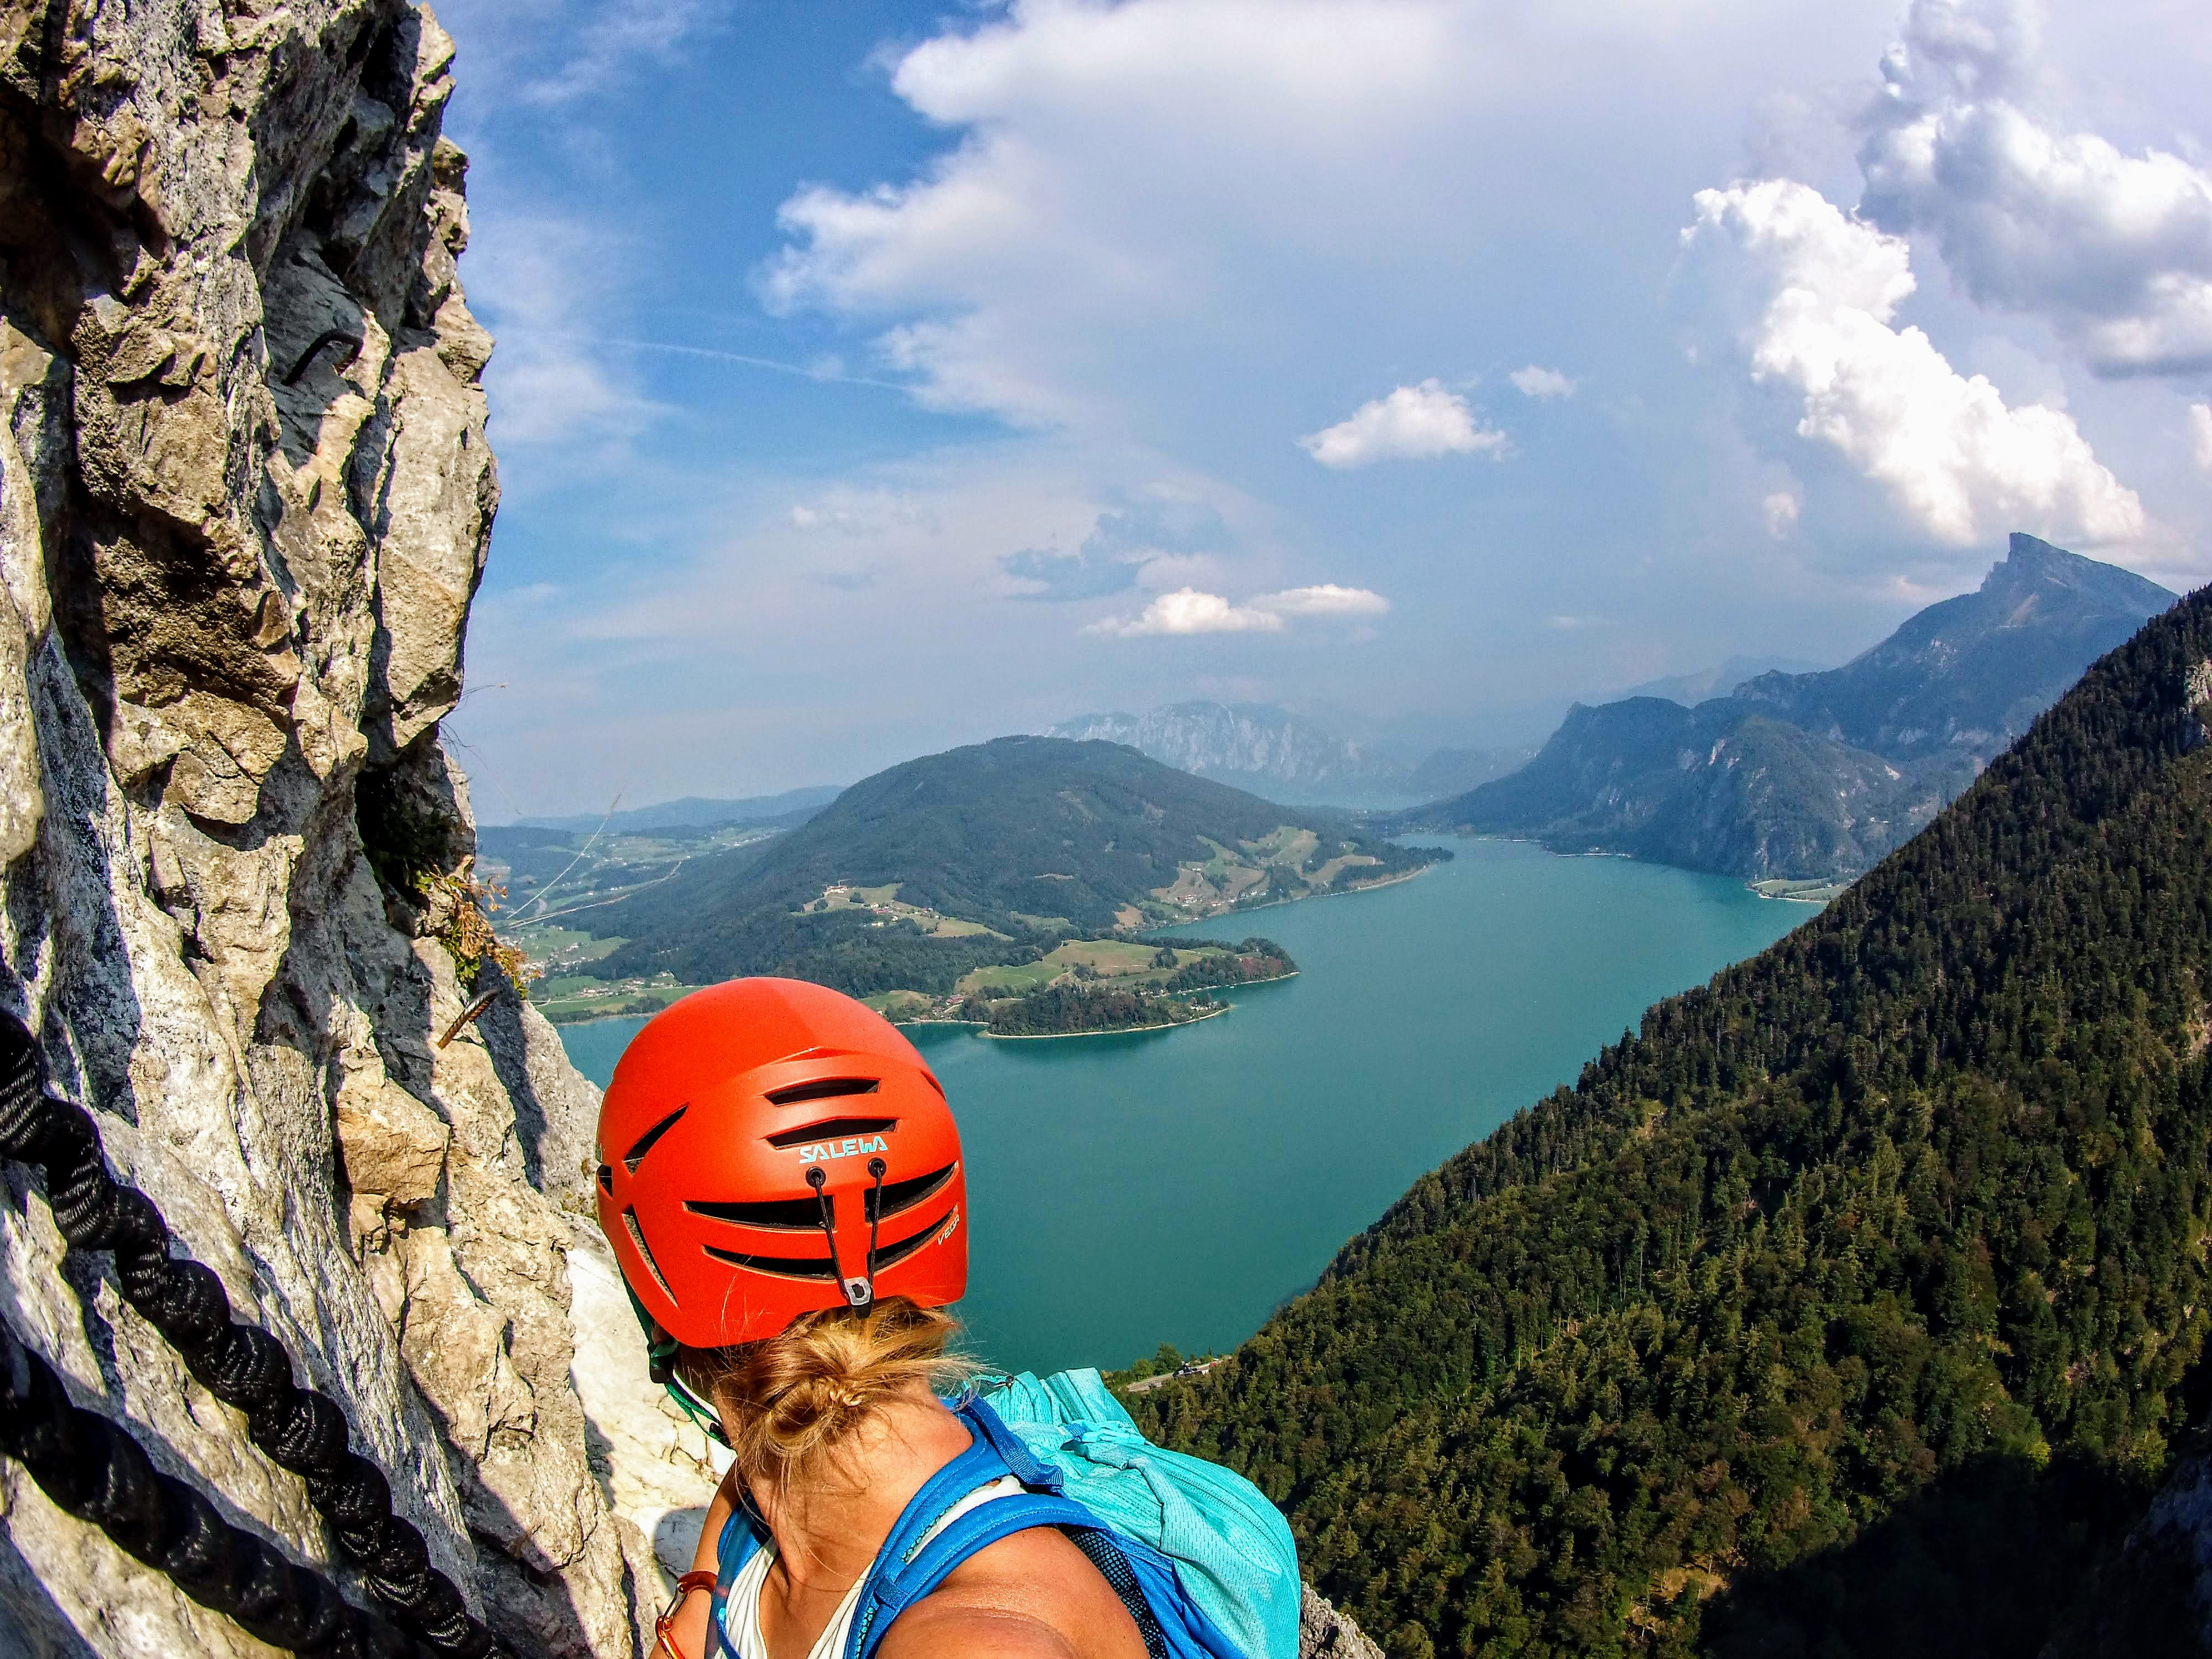 Klettersteig Set Gebraucht : Klettersteige tourenvorschläge und infos